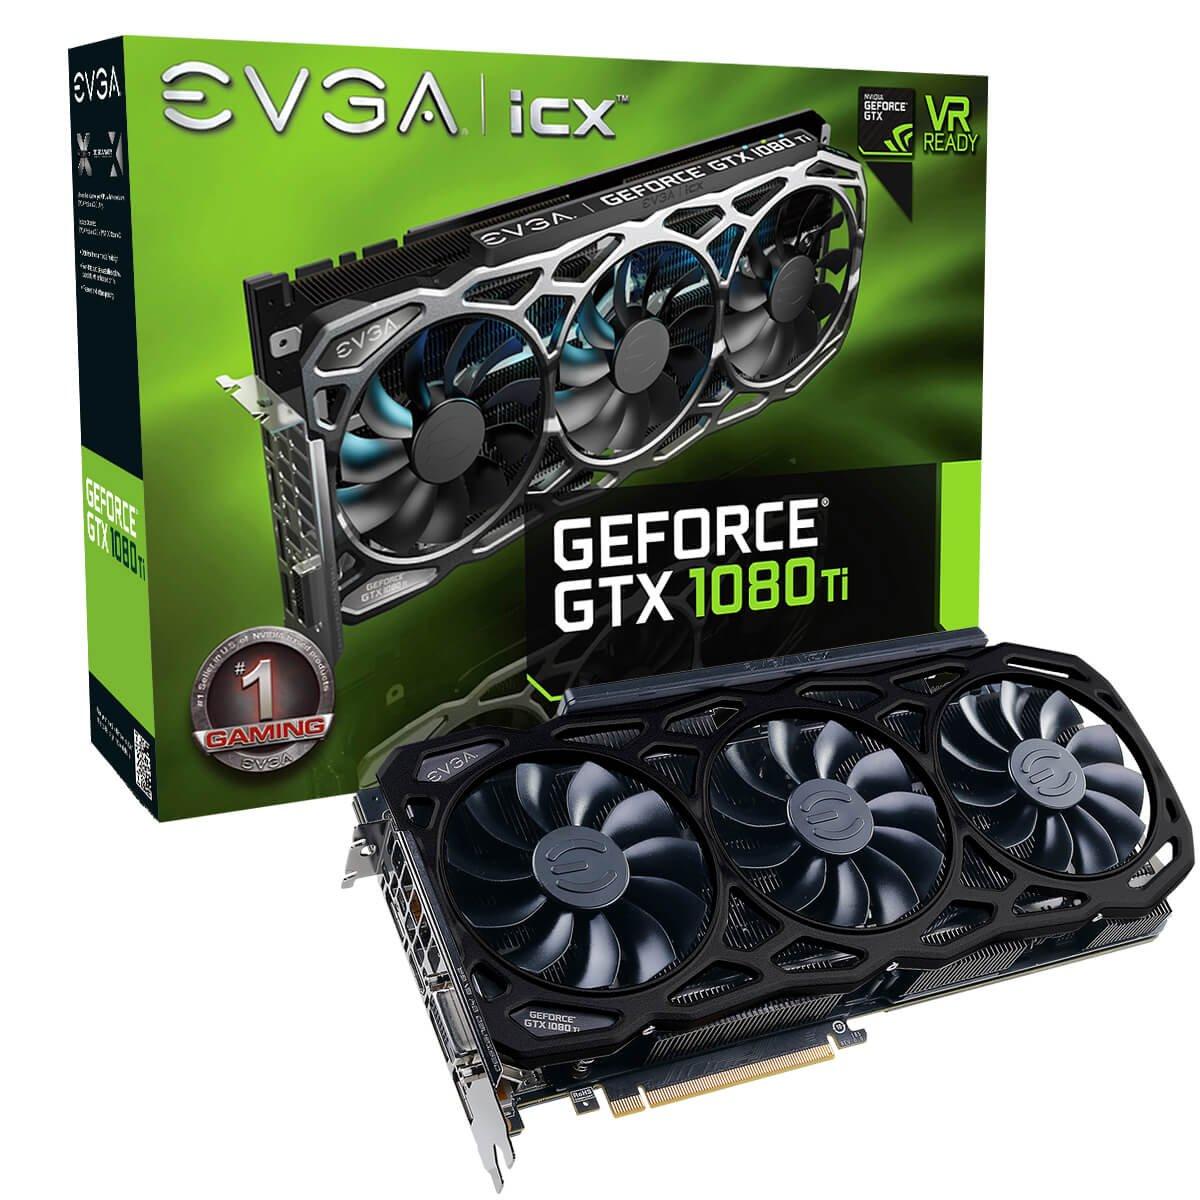 海外並行輸入正規品 EVGA EVGA GeForce GTX 1080 Ti SC Boost B075N2897W Black Edition GAMING, 11GB GDDR5X, iCX Cooler & LED, Optimized Airflow Design, Interlaced Pin Fin Graphics Card 11G-P4-6393-KR B075N2897W Real Boost Clock: 1683 MHz Real Boost Clock: 1683 MHz|FTW3 ブラック, 北海道フードファクトリー:39a46dff --- mcrisartesanato.com.br